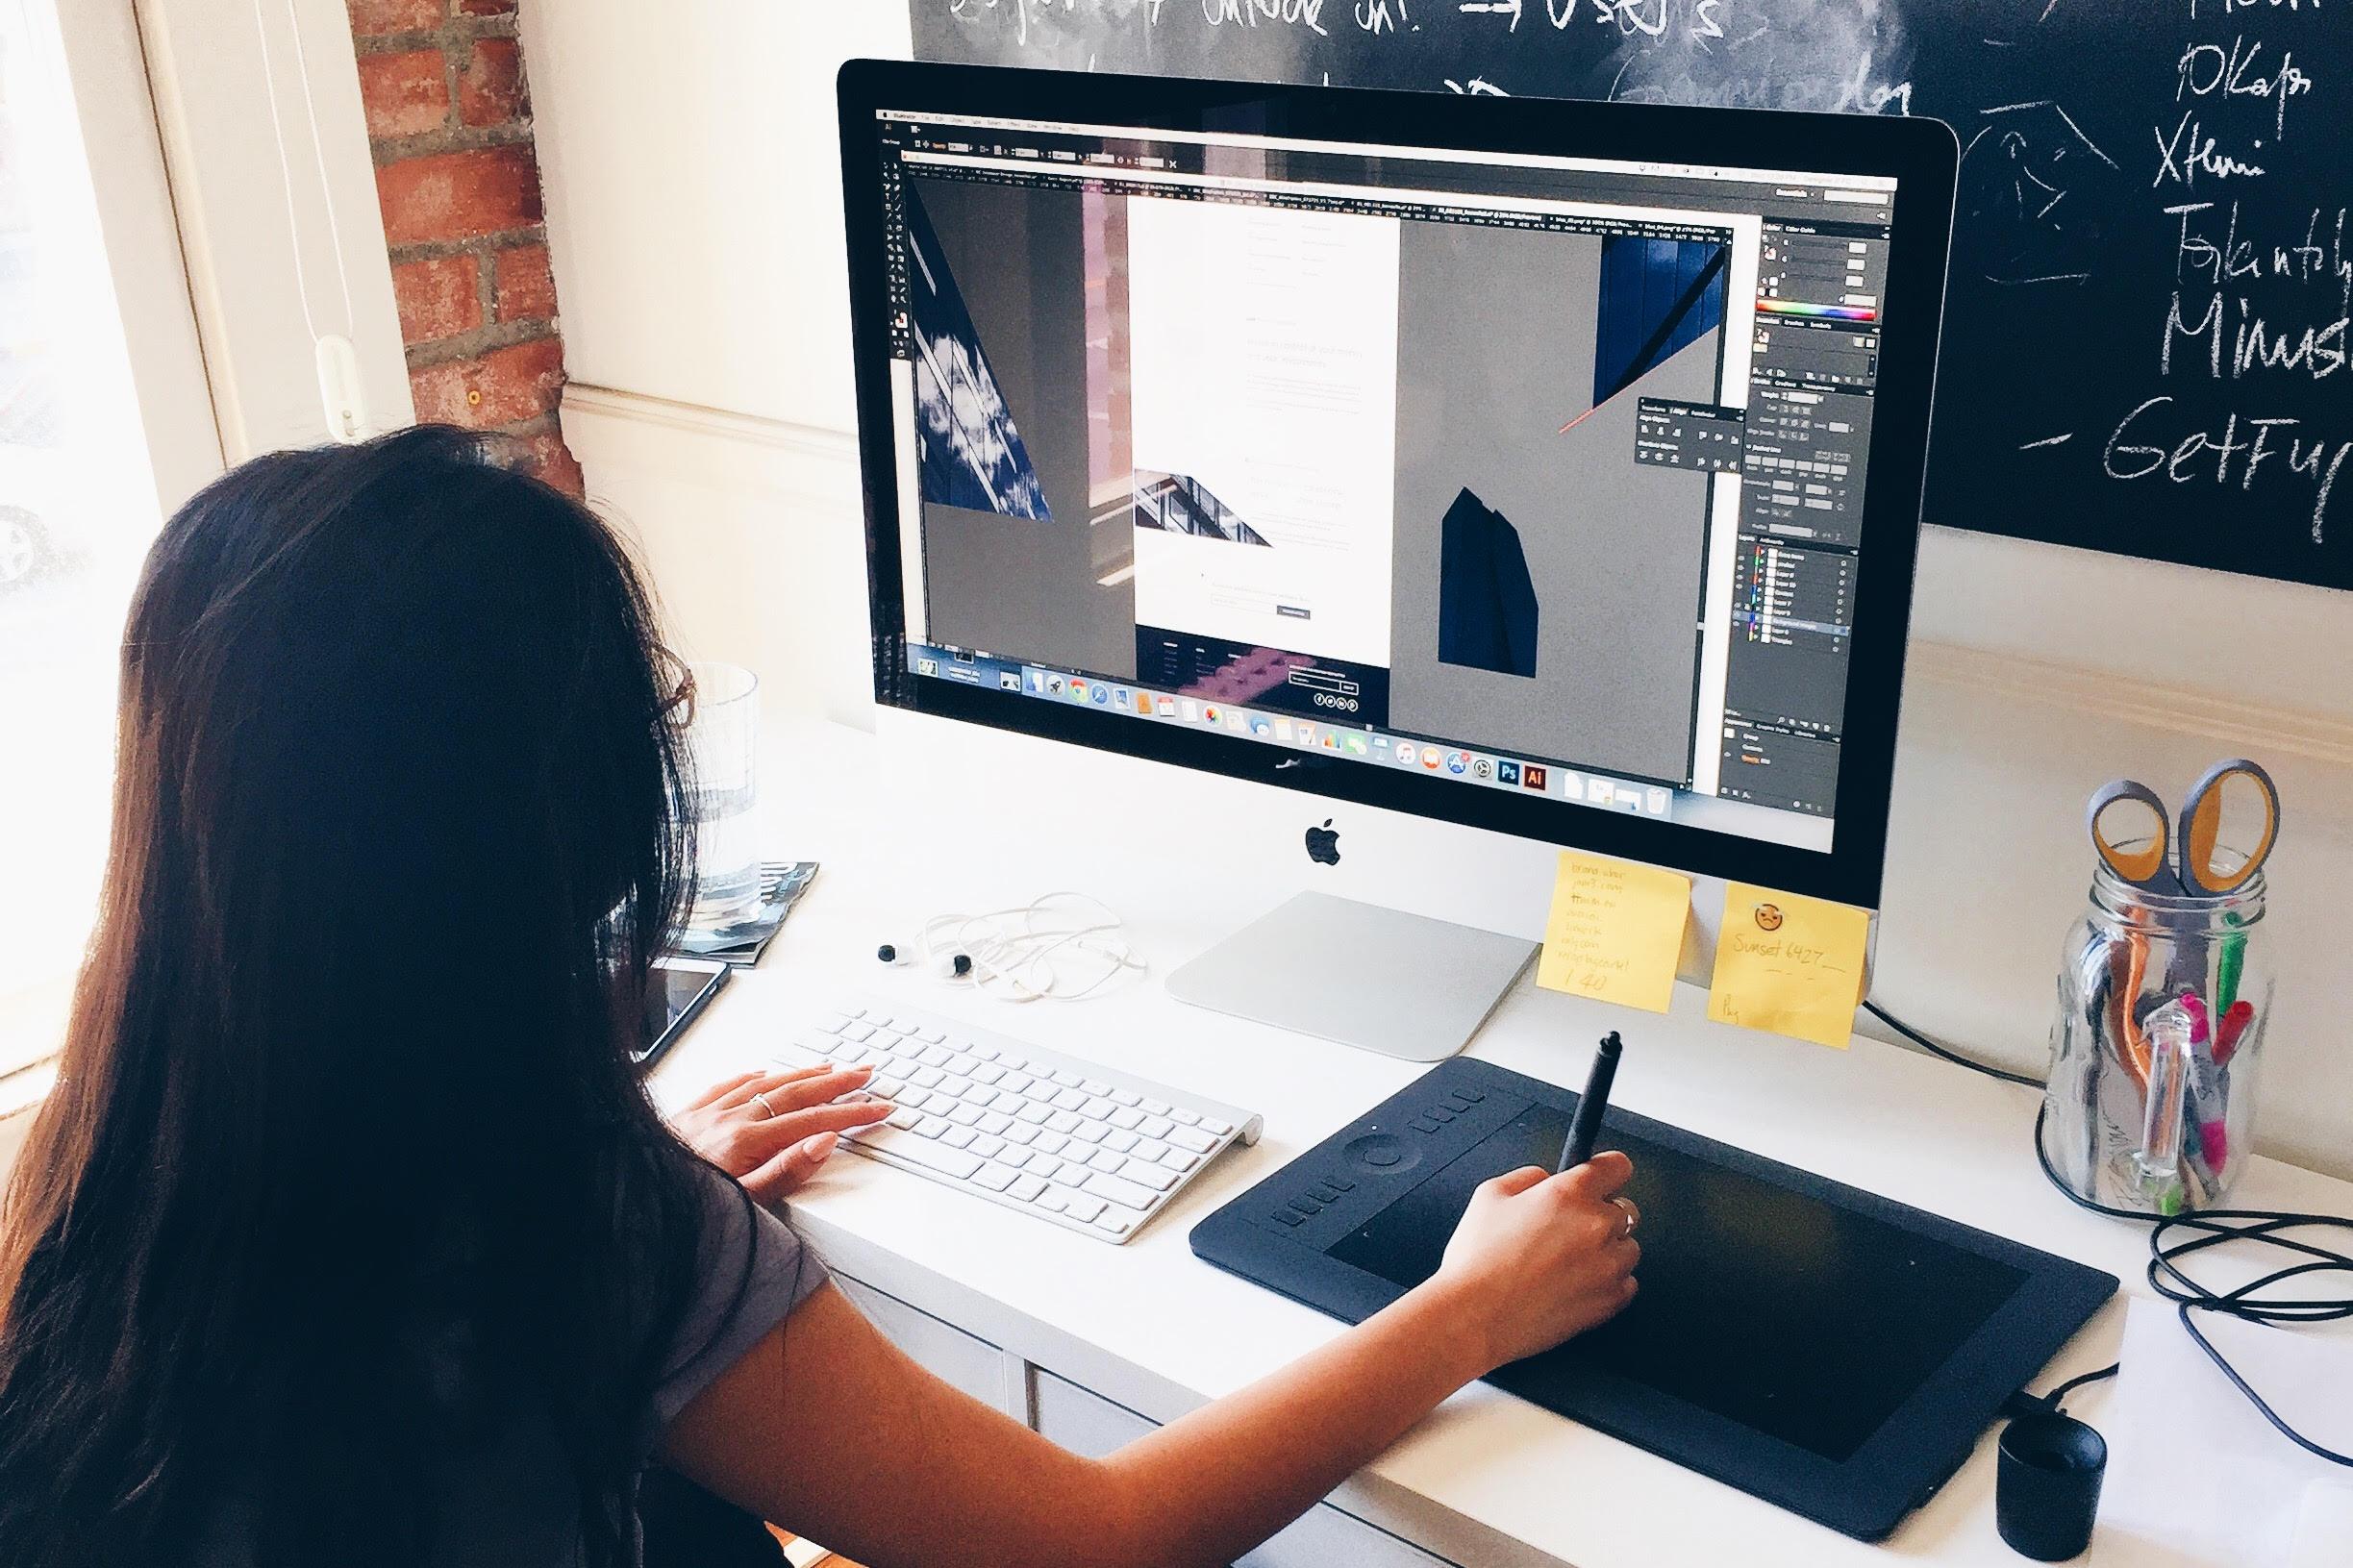 Сайт фрилансер дизайнер фриланс разработка логотипа цена